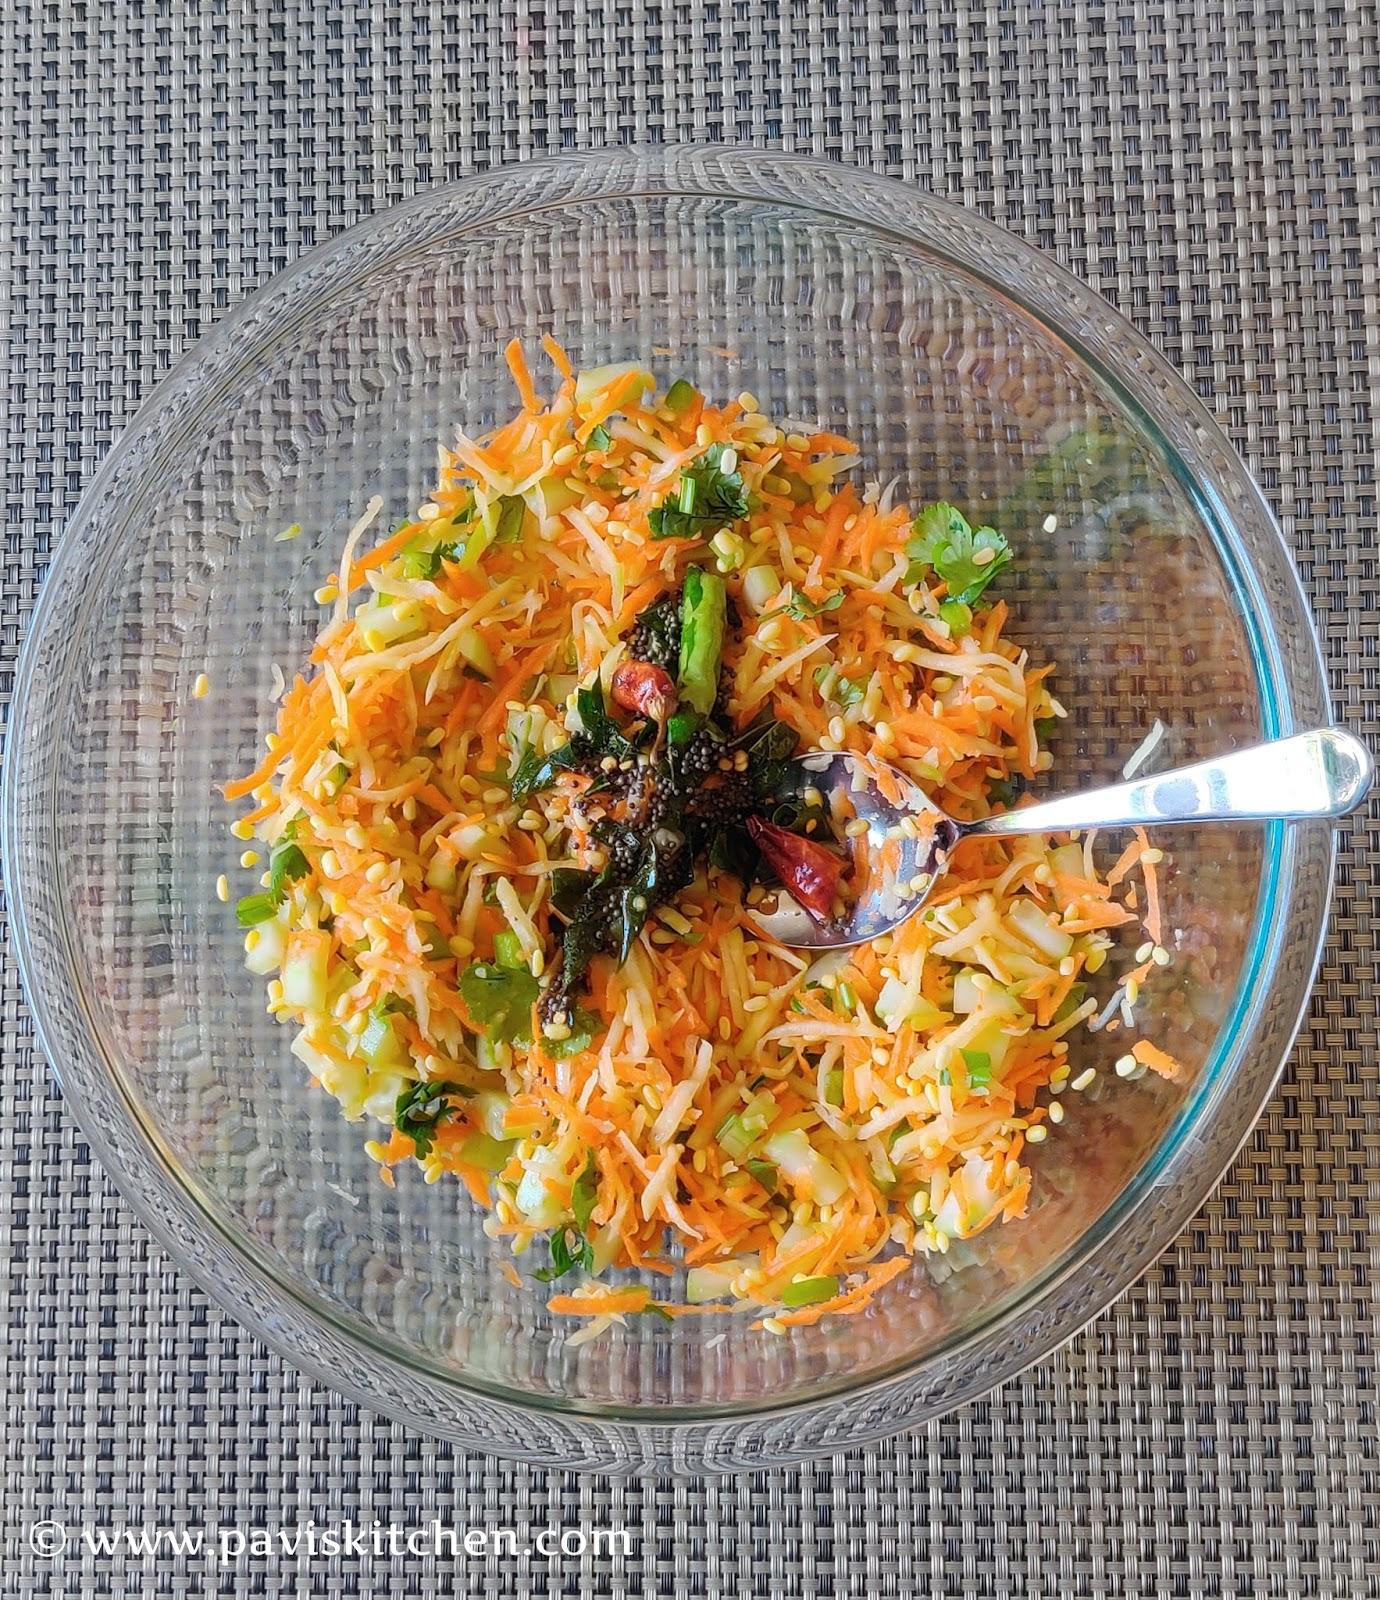 Moong Dal Kosambari | Pasi Paruppu Kosumalli | Moong Dal Vegetable Salad